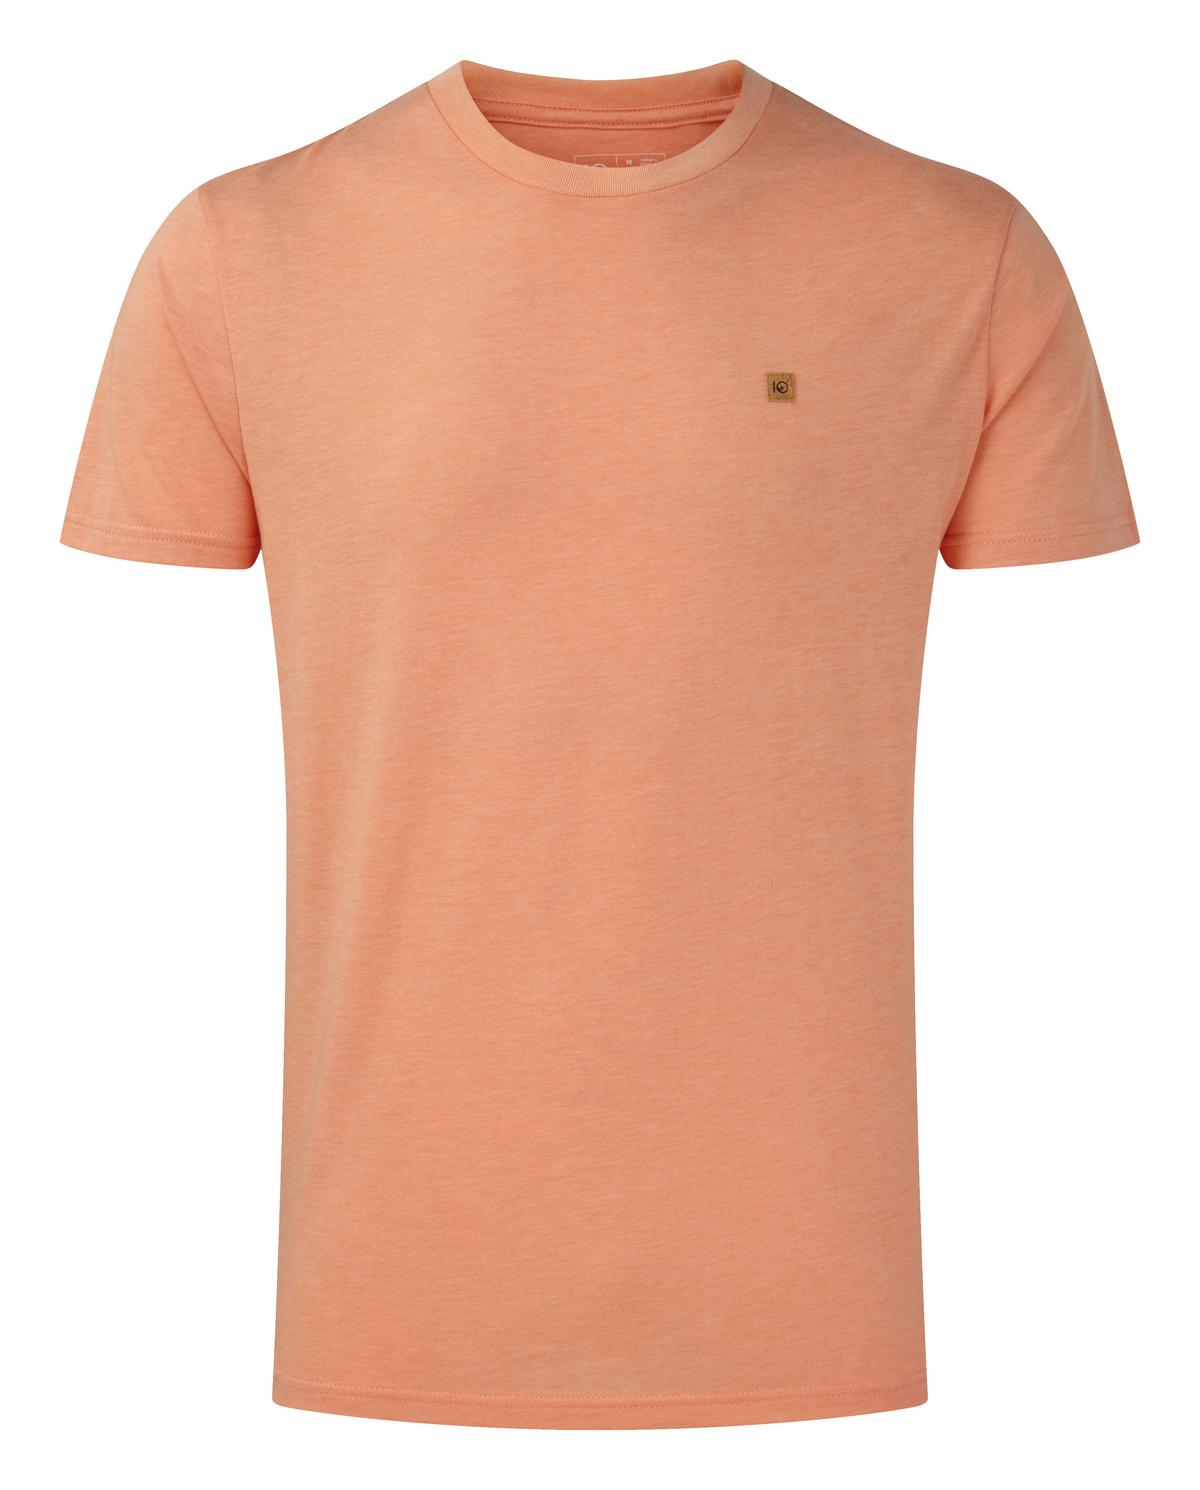 Tentree Classic T-shirt Heren